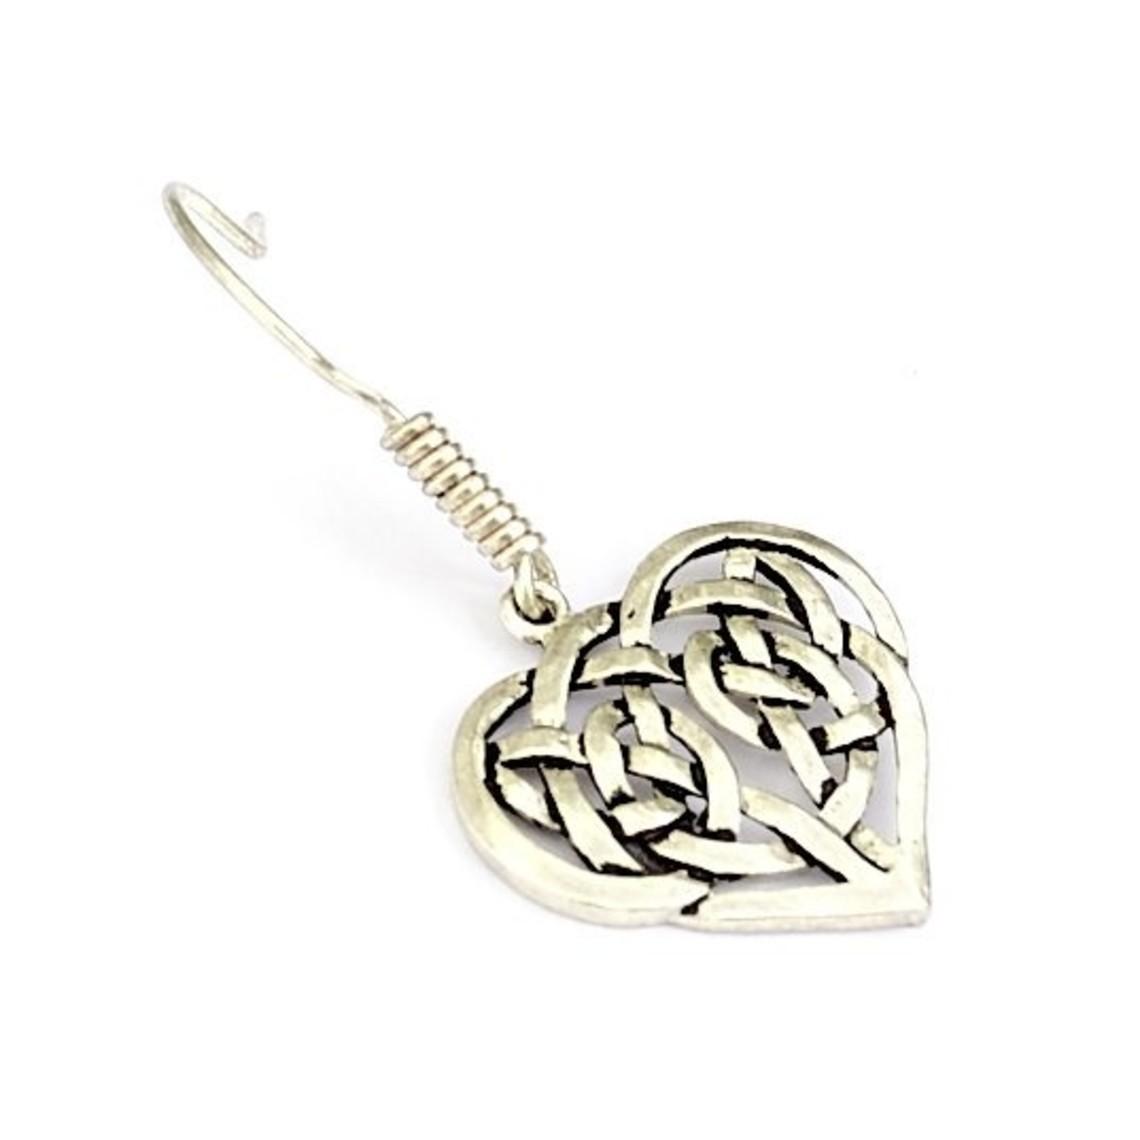 Boucles d'oreilles avec coeur celtique, argenté